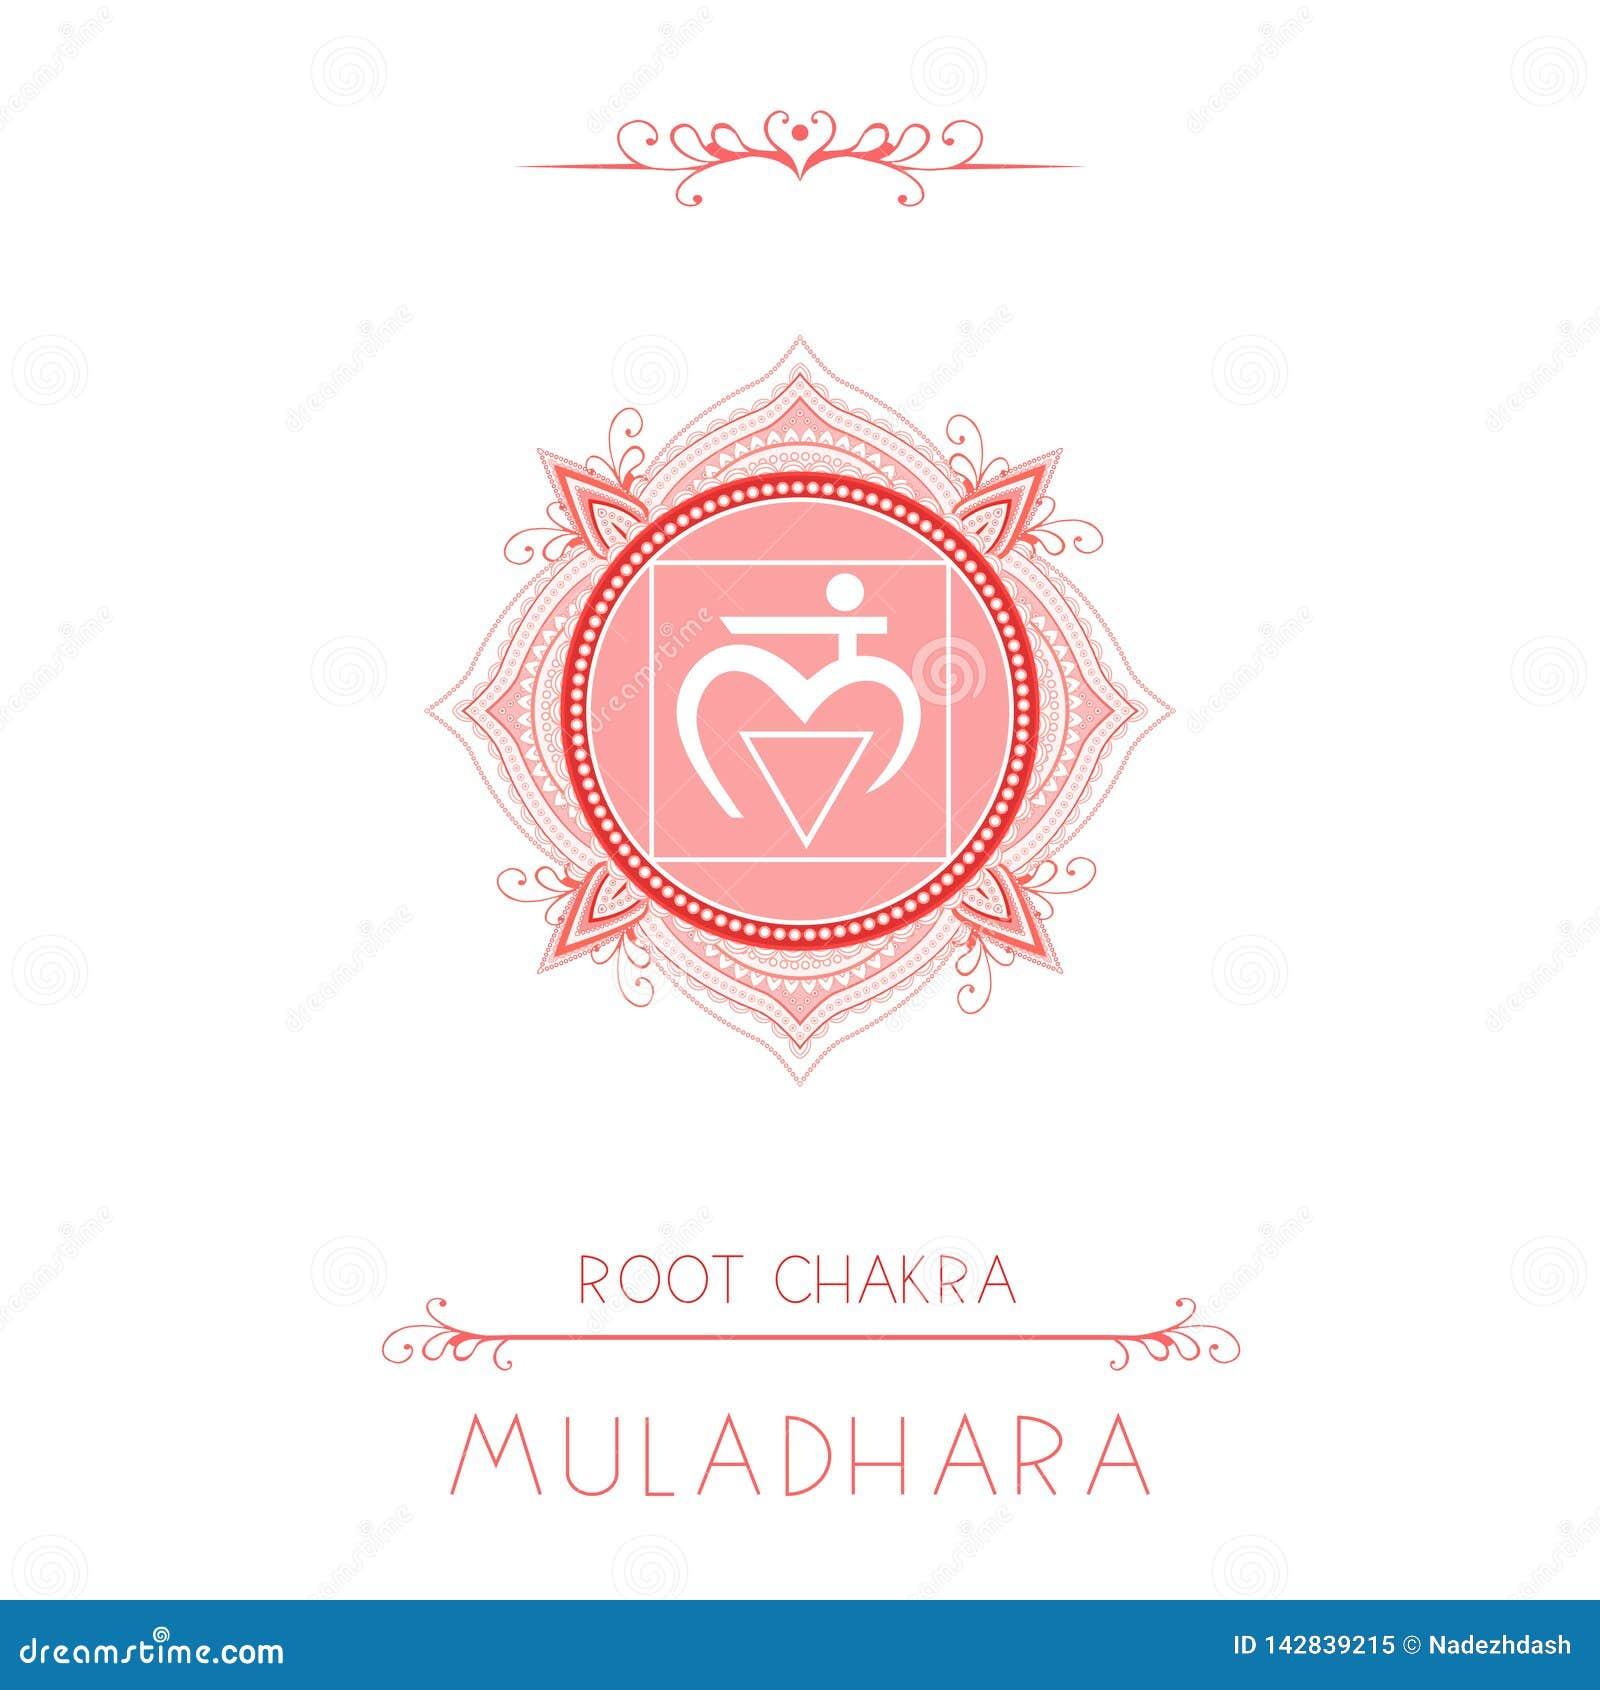 Vectorillustratie met symbool Muladhara - Wortelchakra en decoratieve elementen op witte achtergrond